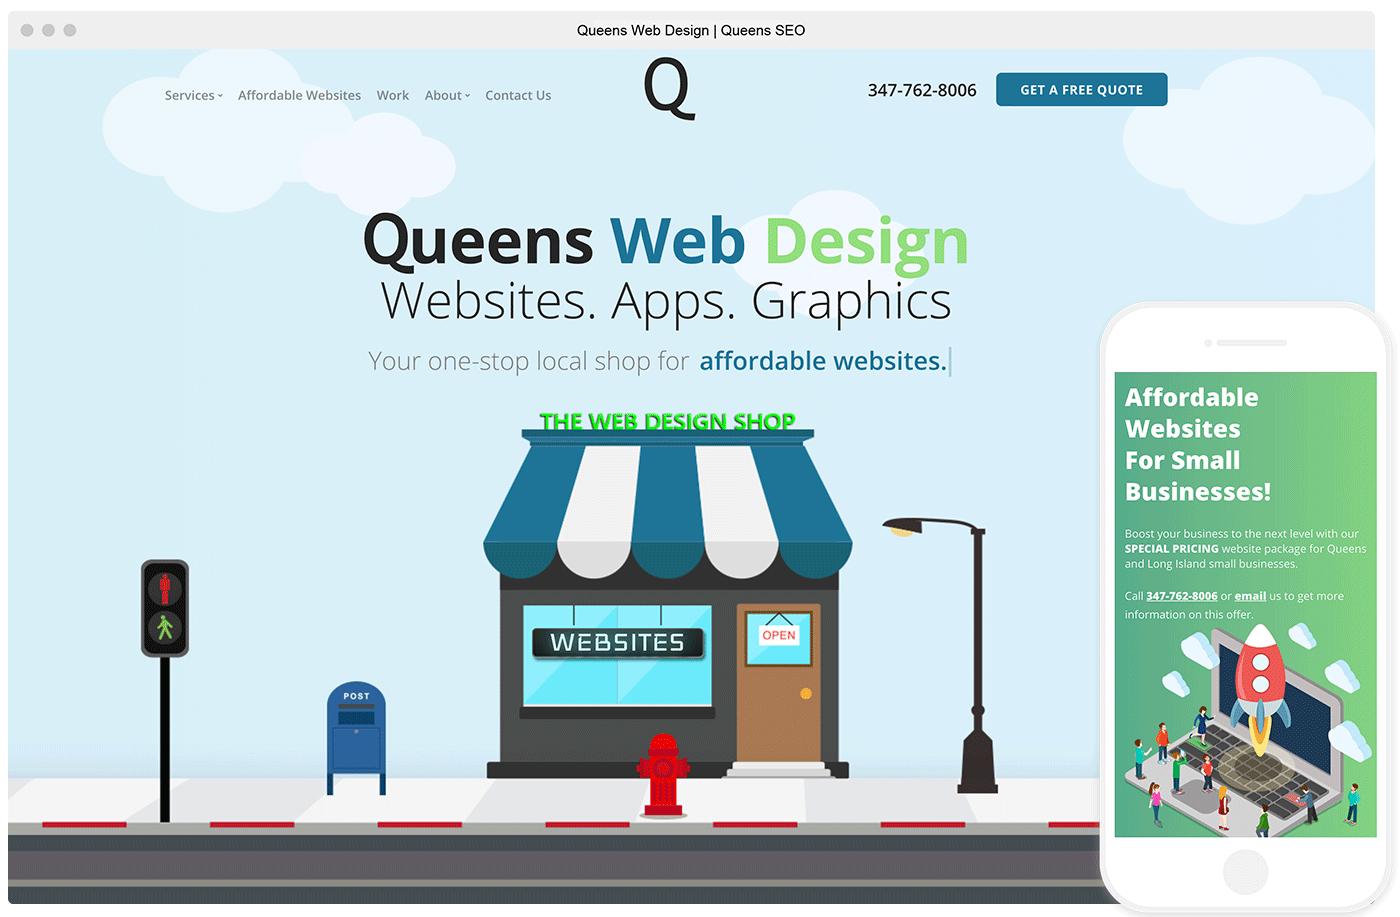 Website of Queens Web Design